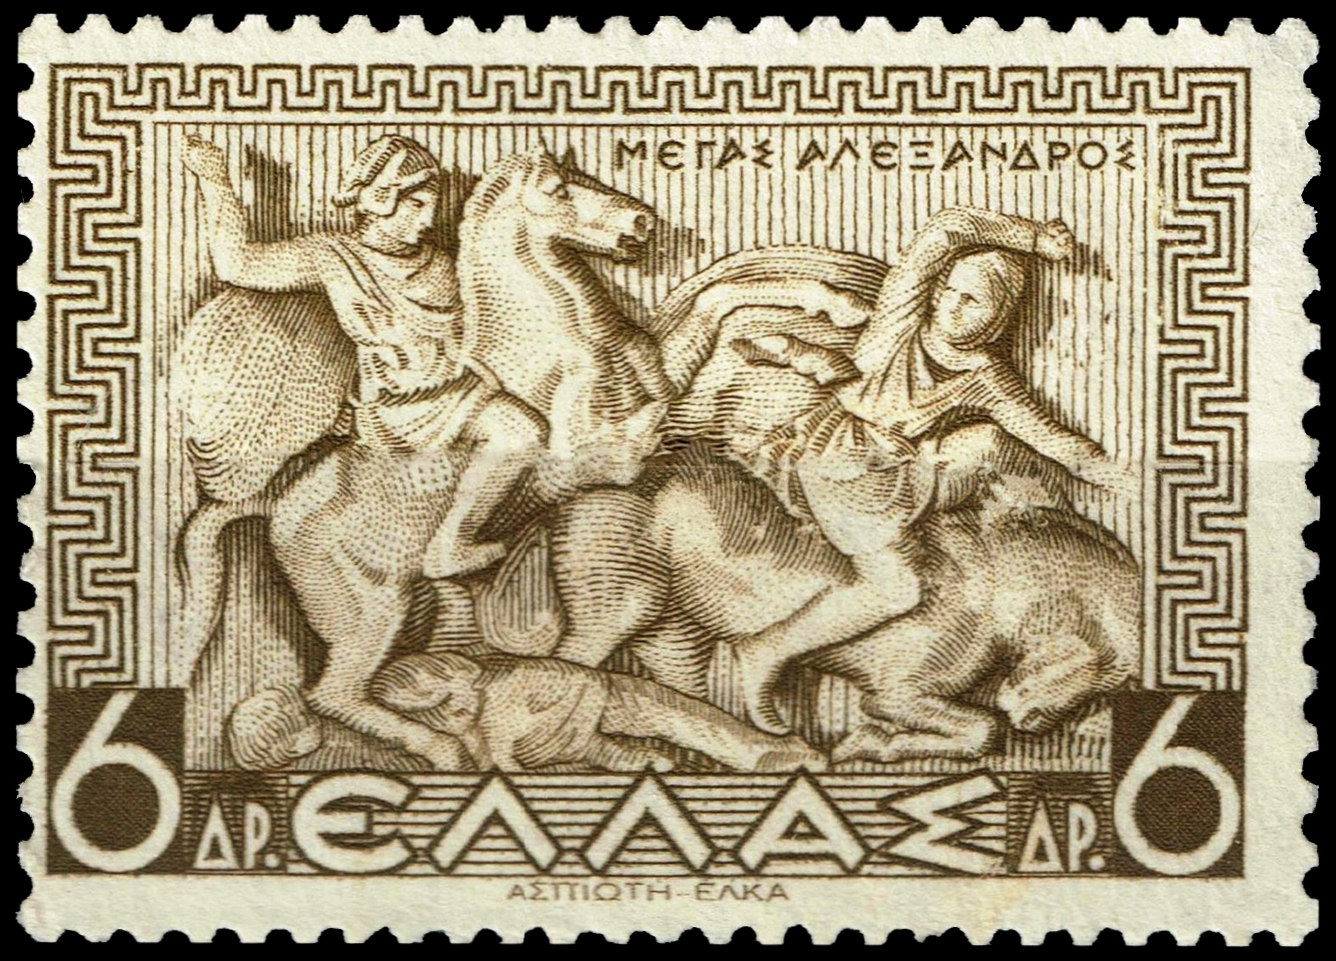 Ελληνικό γραμματόσημο, Μέγας Αλέξανδρος. 937 Έκδοση Ιστορική (Ανάγλυφο από το γλυπτό της Περγάμου)